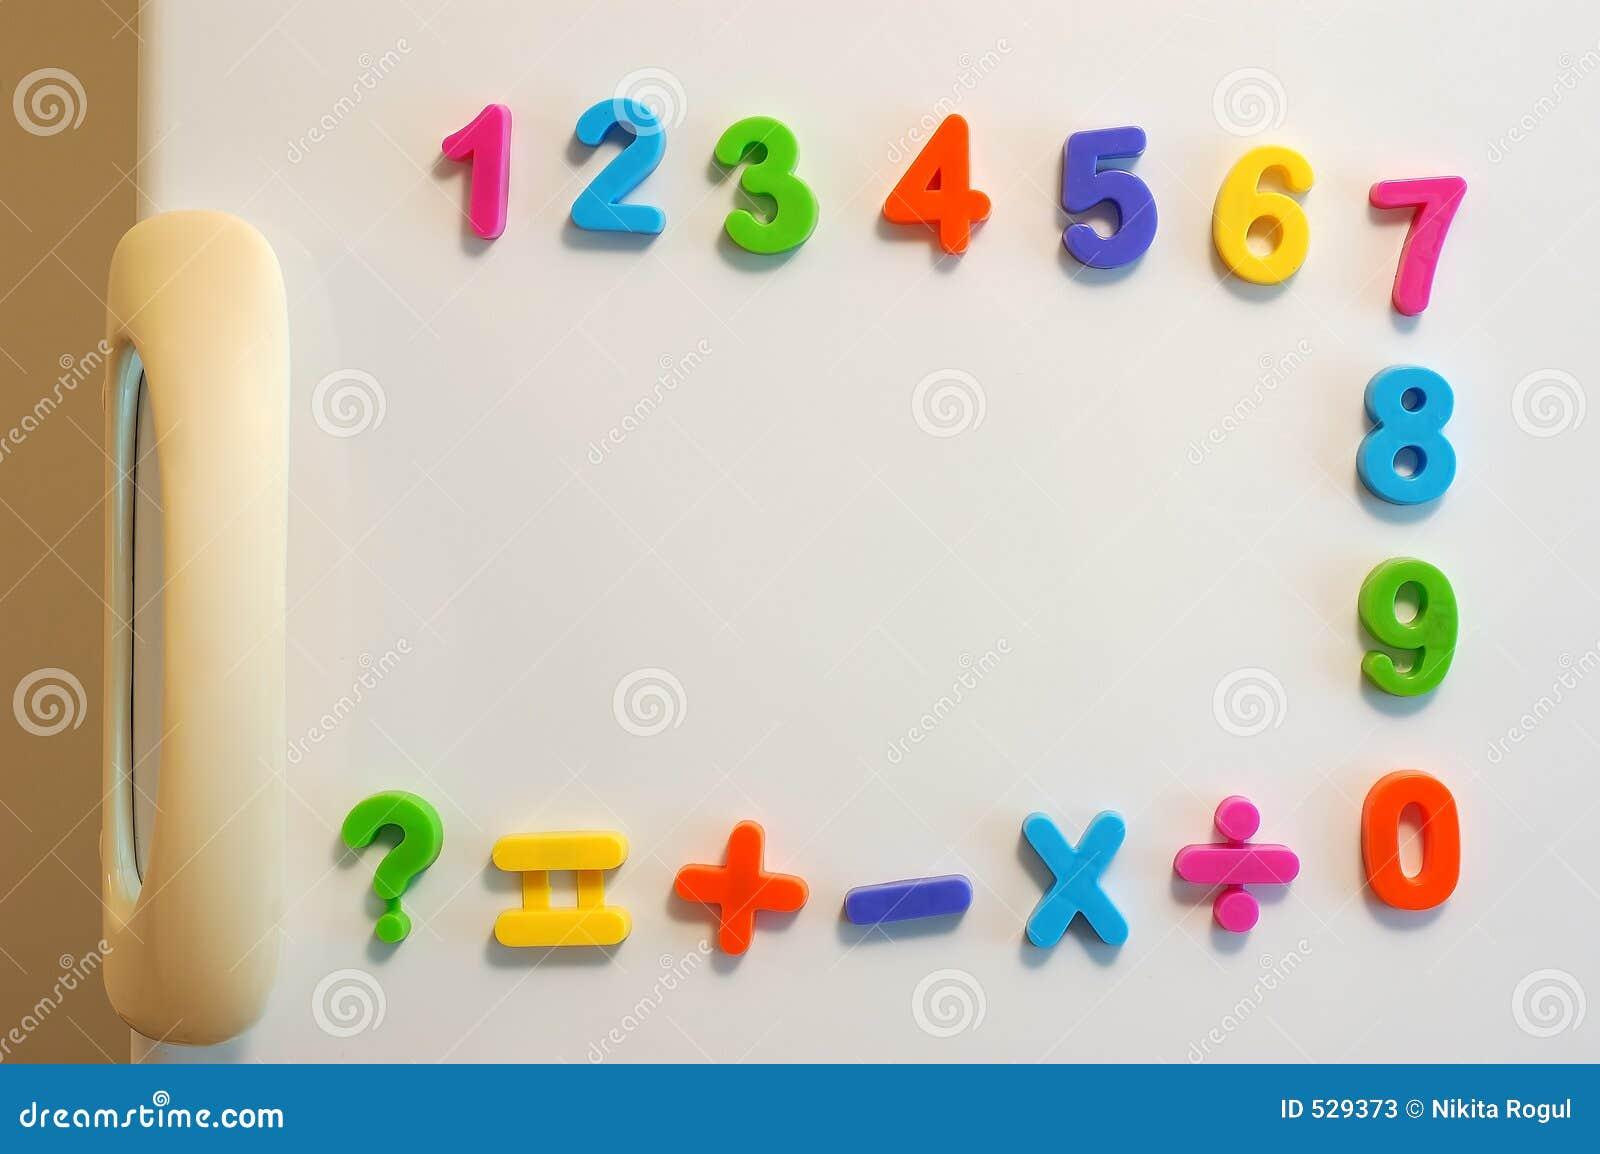 Download 磁铁编号 库存图片. 图片 包括有 编号, 冰箱, 了解, 计数, 颜色, 把柄, 学校, 执行, 倍增, 数字 - 529373